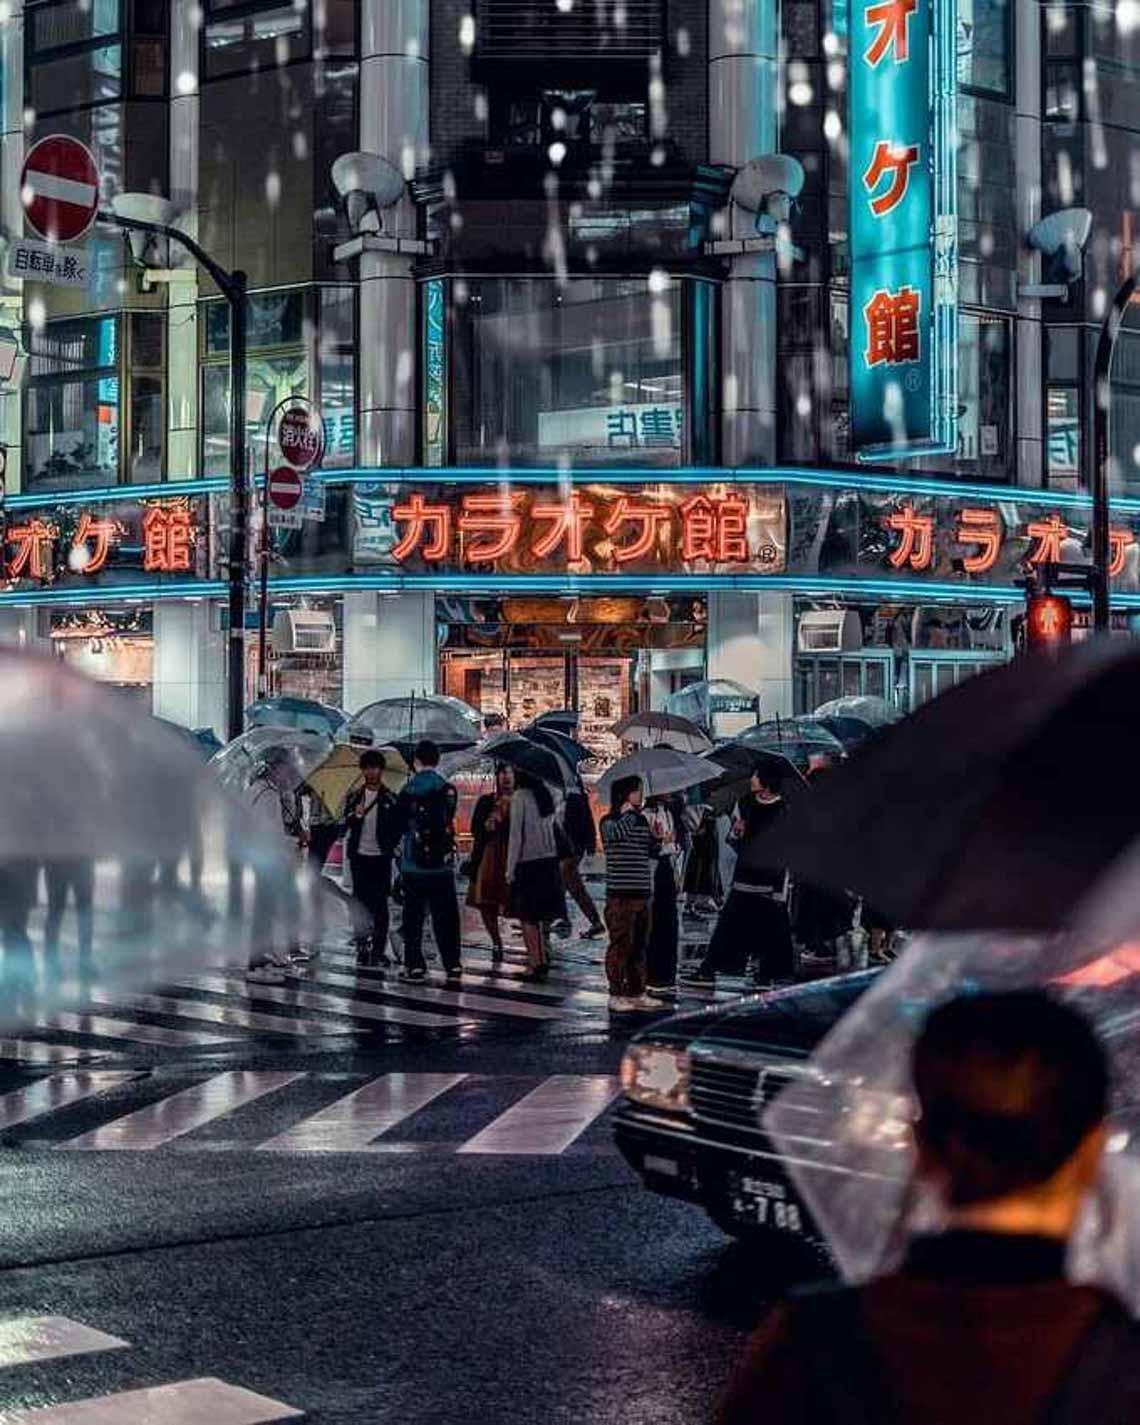 10 bức ảnh đô thị hấp dẫn nhất -6